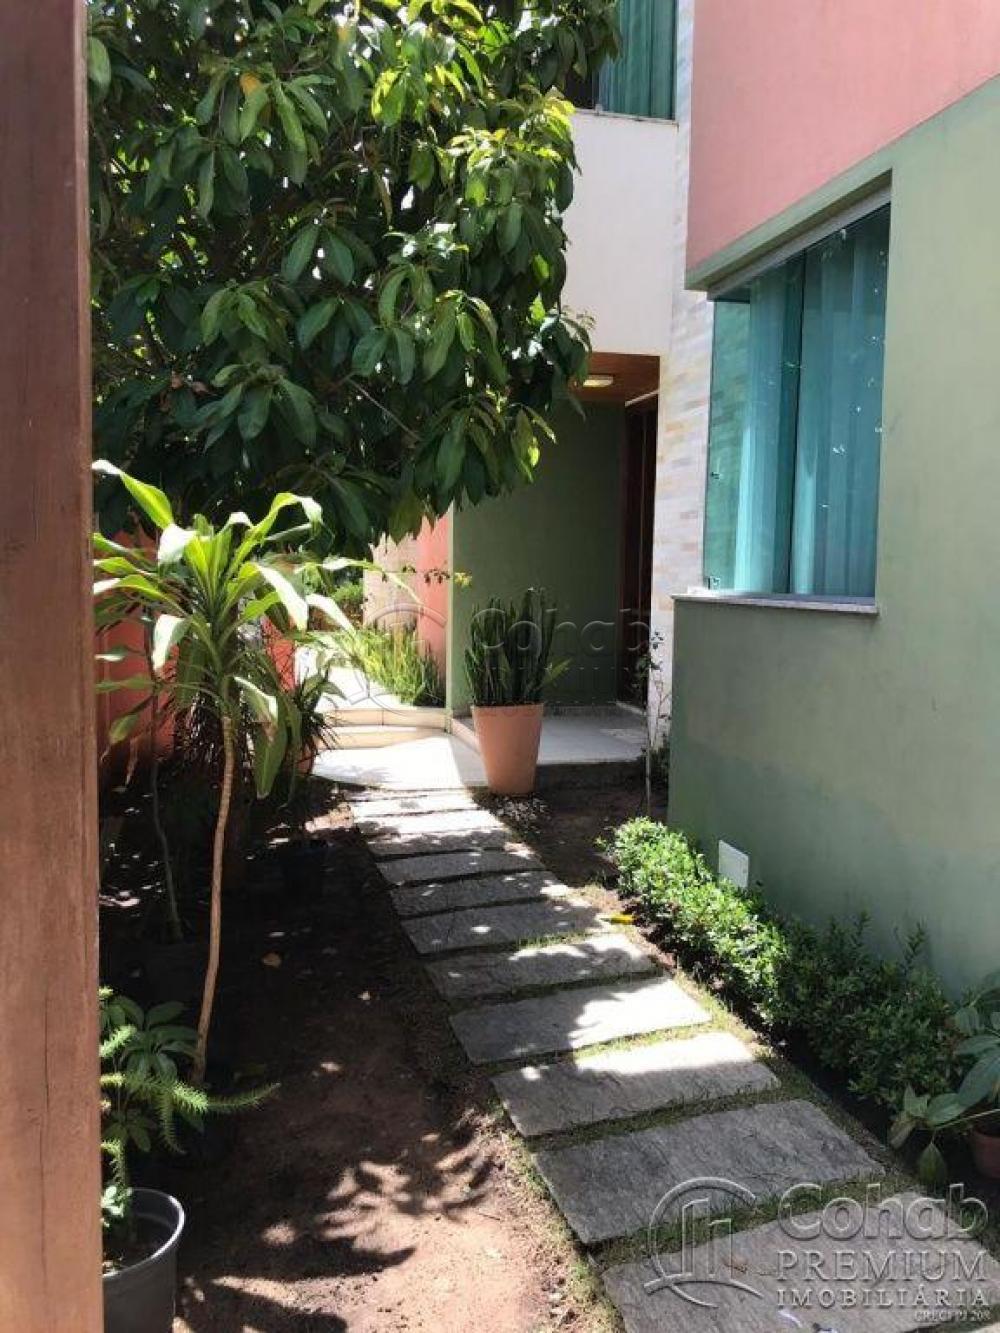 Comprar Casa / Condomínio em Aracaju apenas R$ 1.200.000,00 - Foto 6